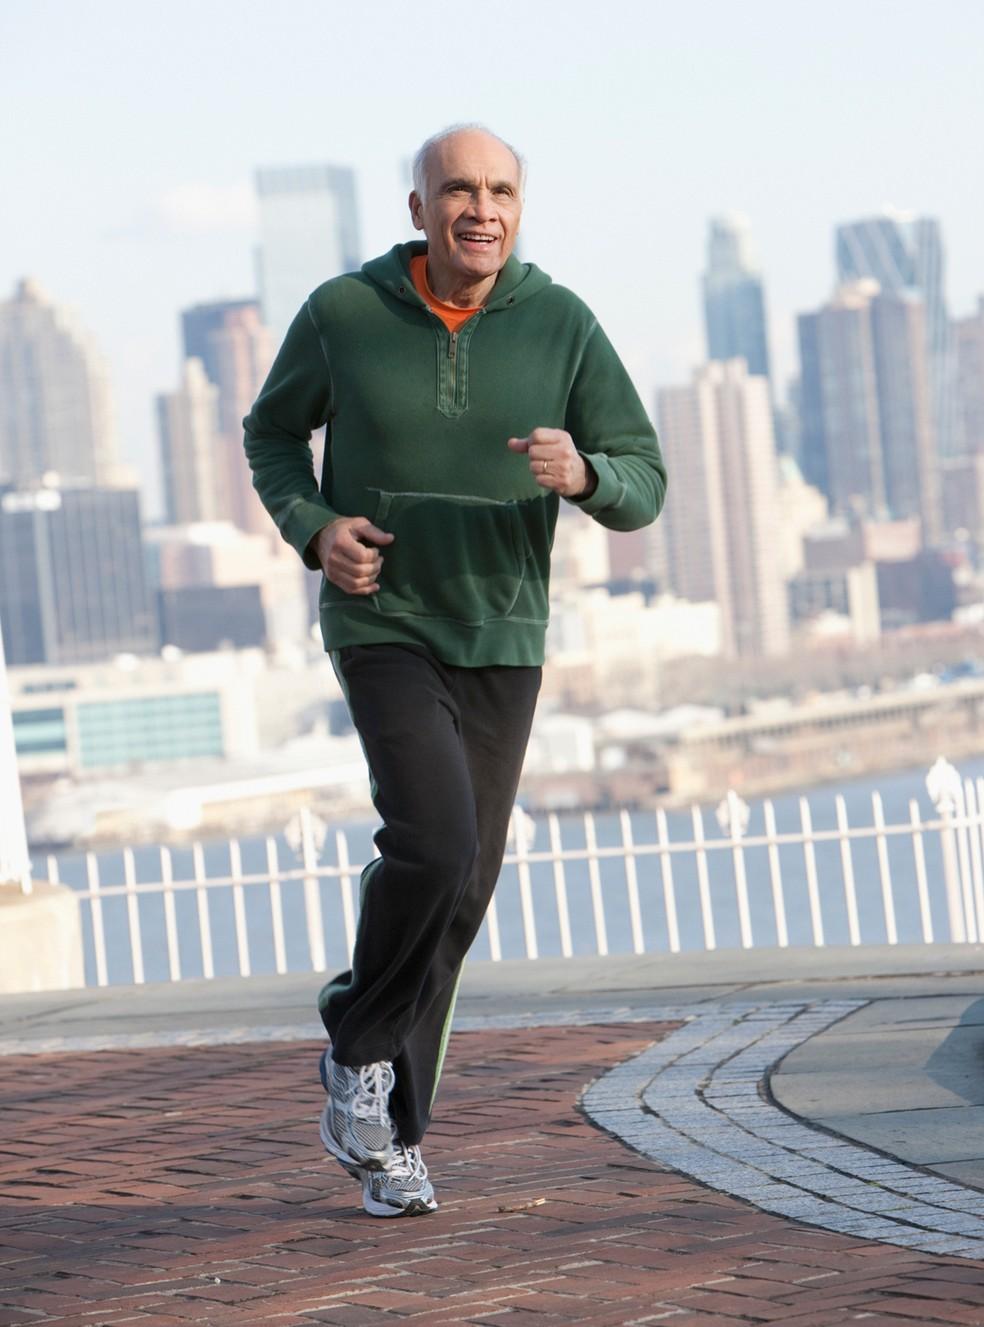 Exercício físico regular é arma poderosa para combater doenças cardiovasculares (Foto: Getty Images)